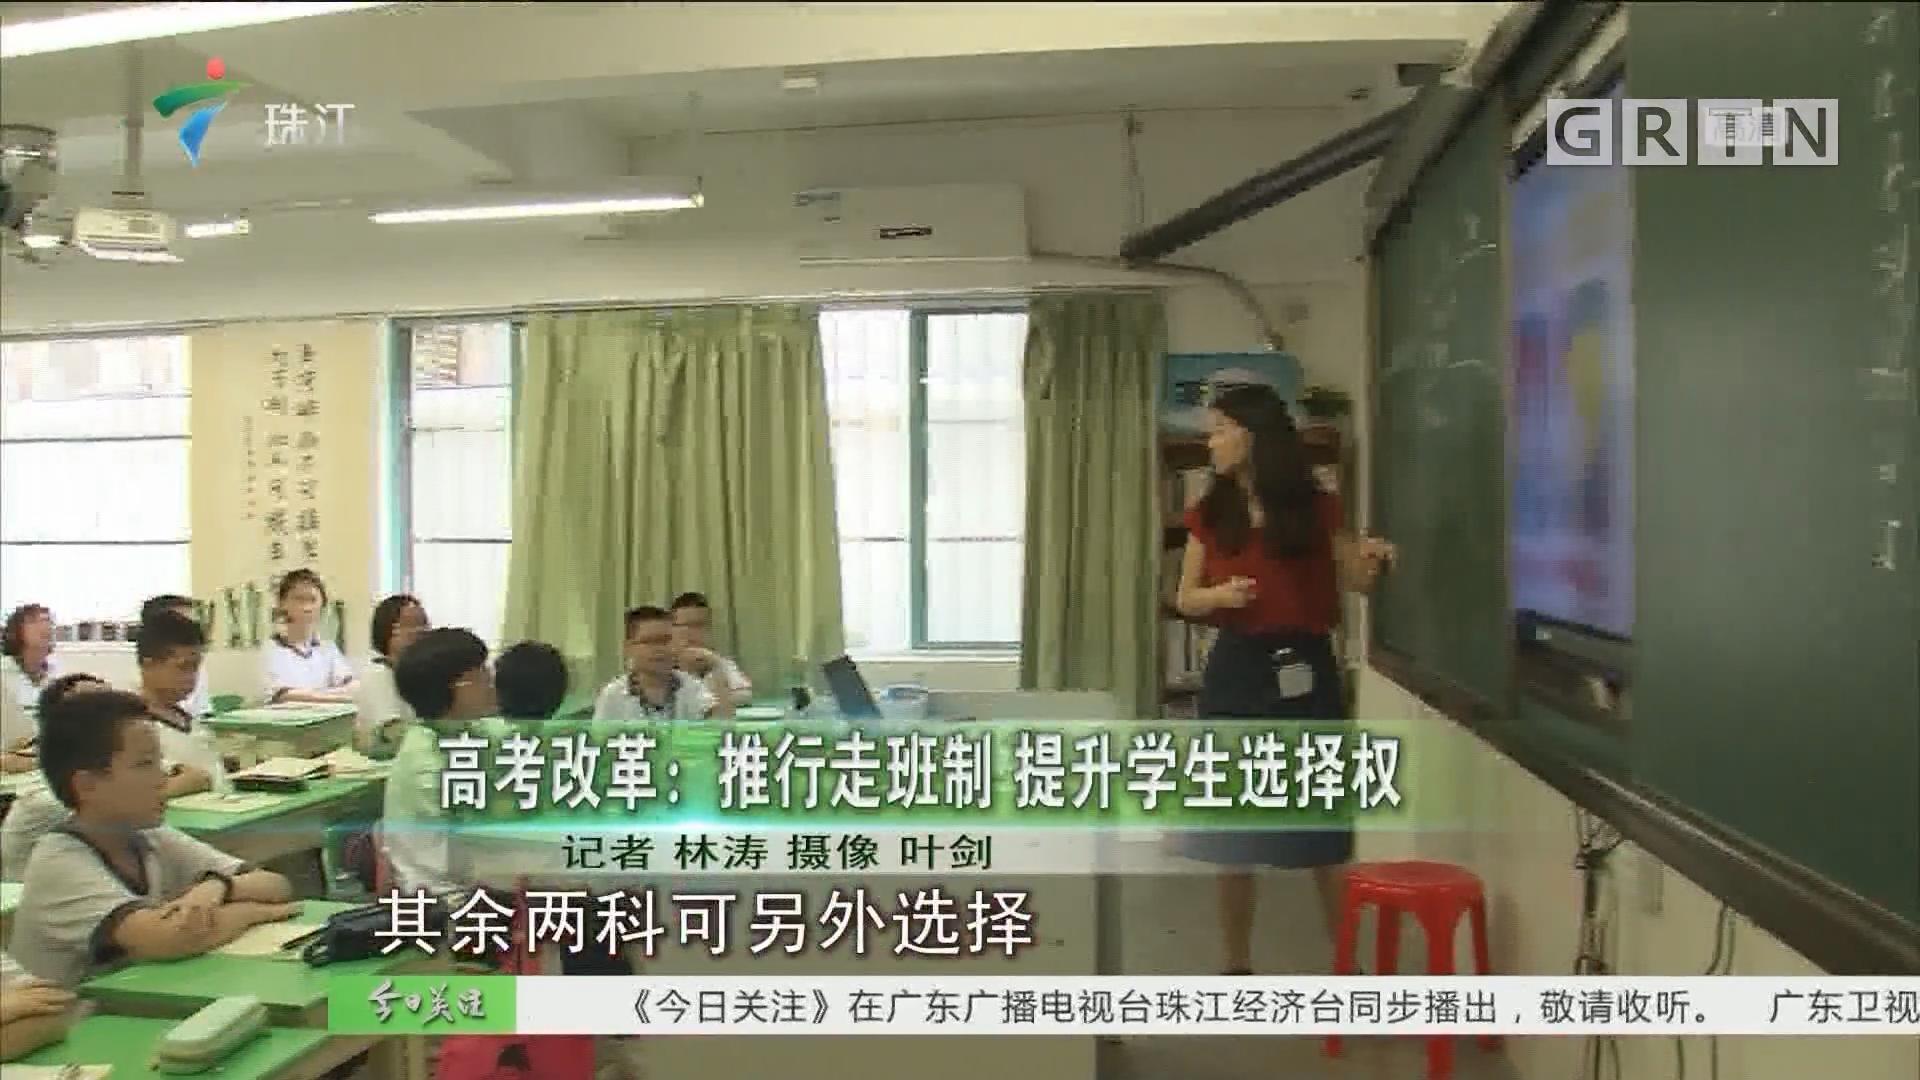 高考改革:推行走班制 提升学生选择权